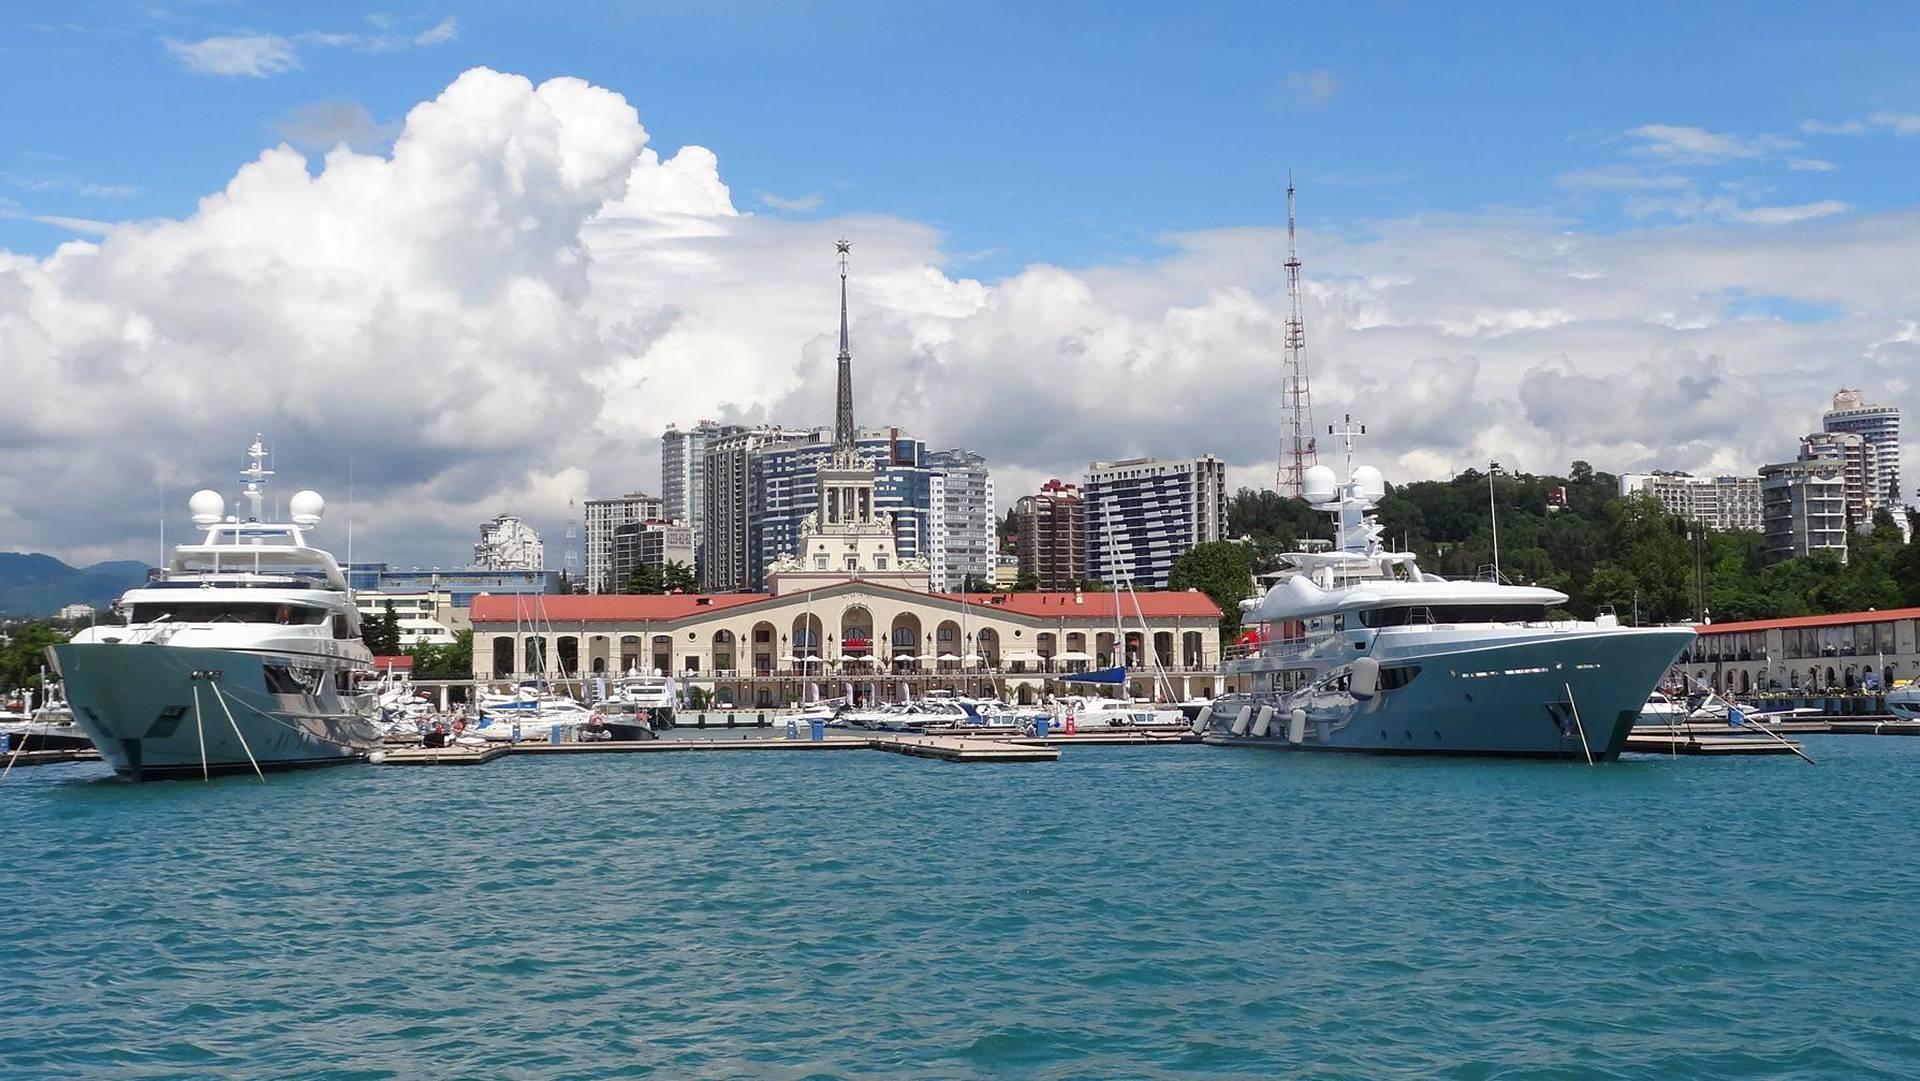 Sotšin satamaterminaali on rakennettu 1955, ja se edustaa Stalinin ajan arkkitehtuuria.